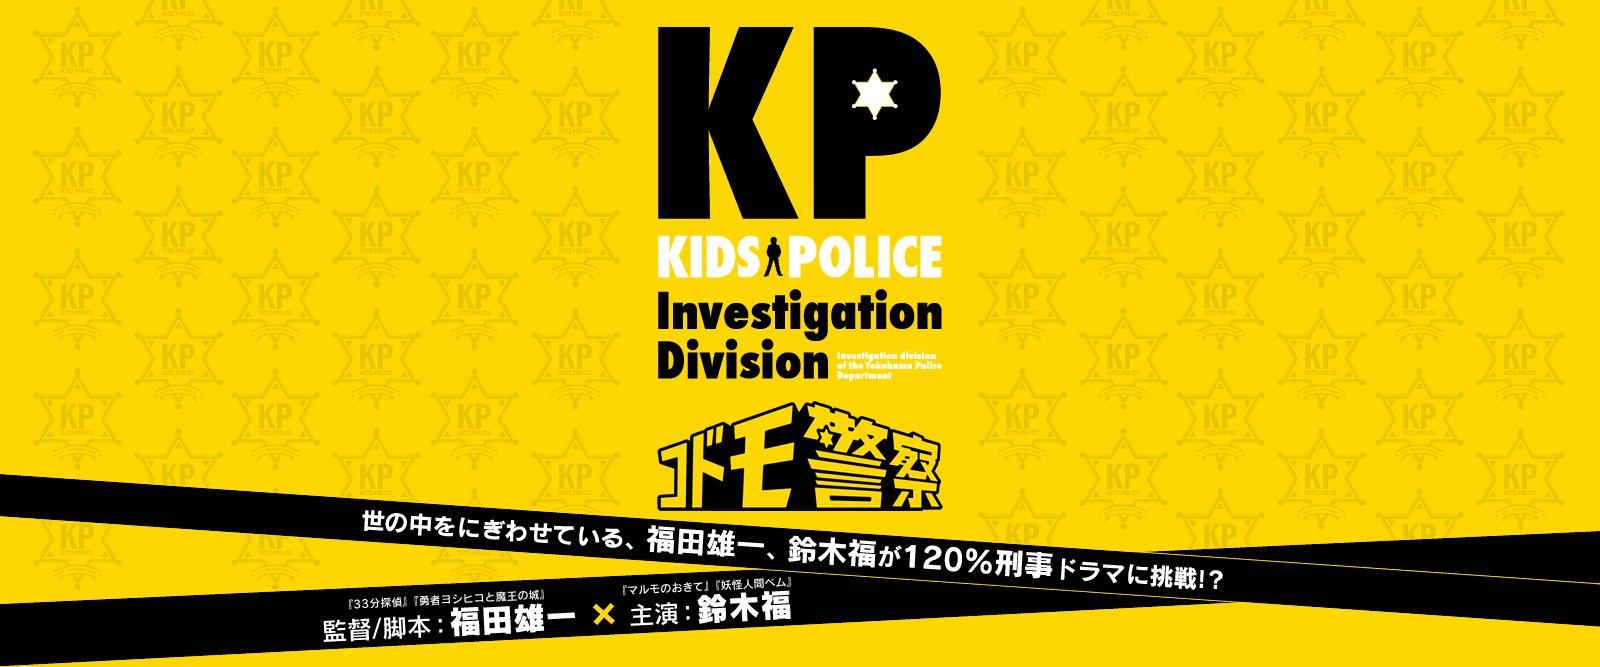 儿童警察 - 电视剧图片